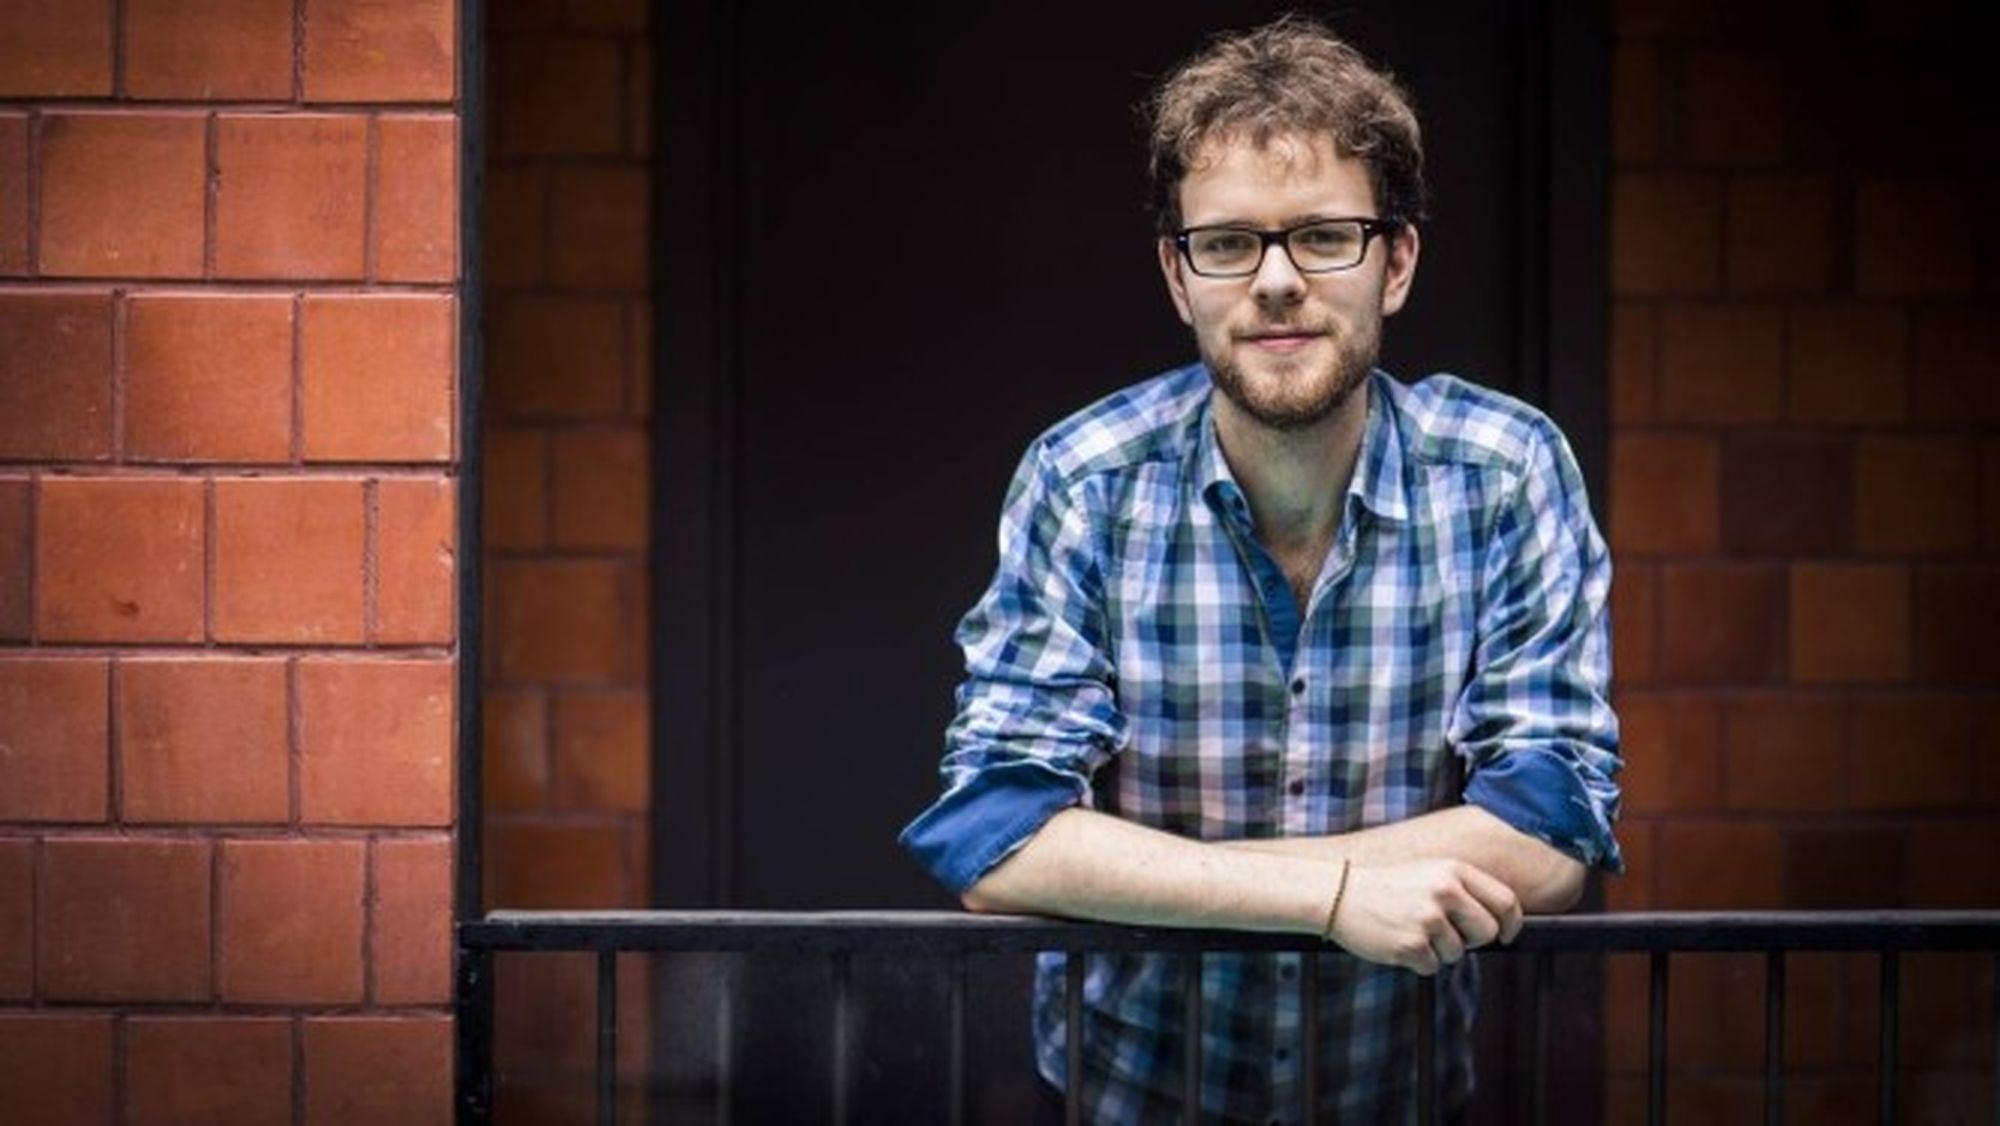 Jakob Encke